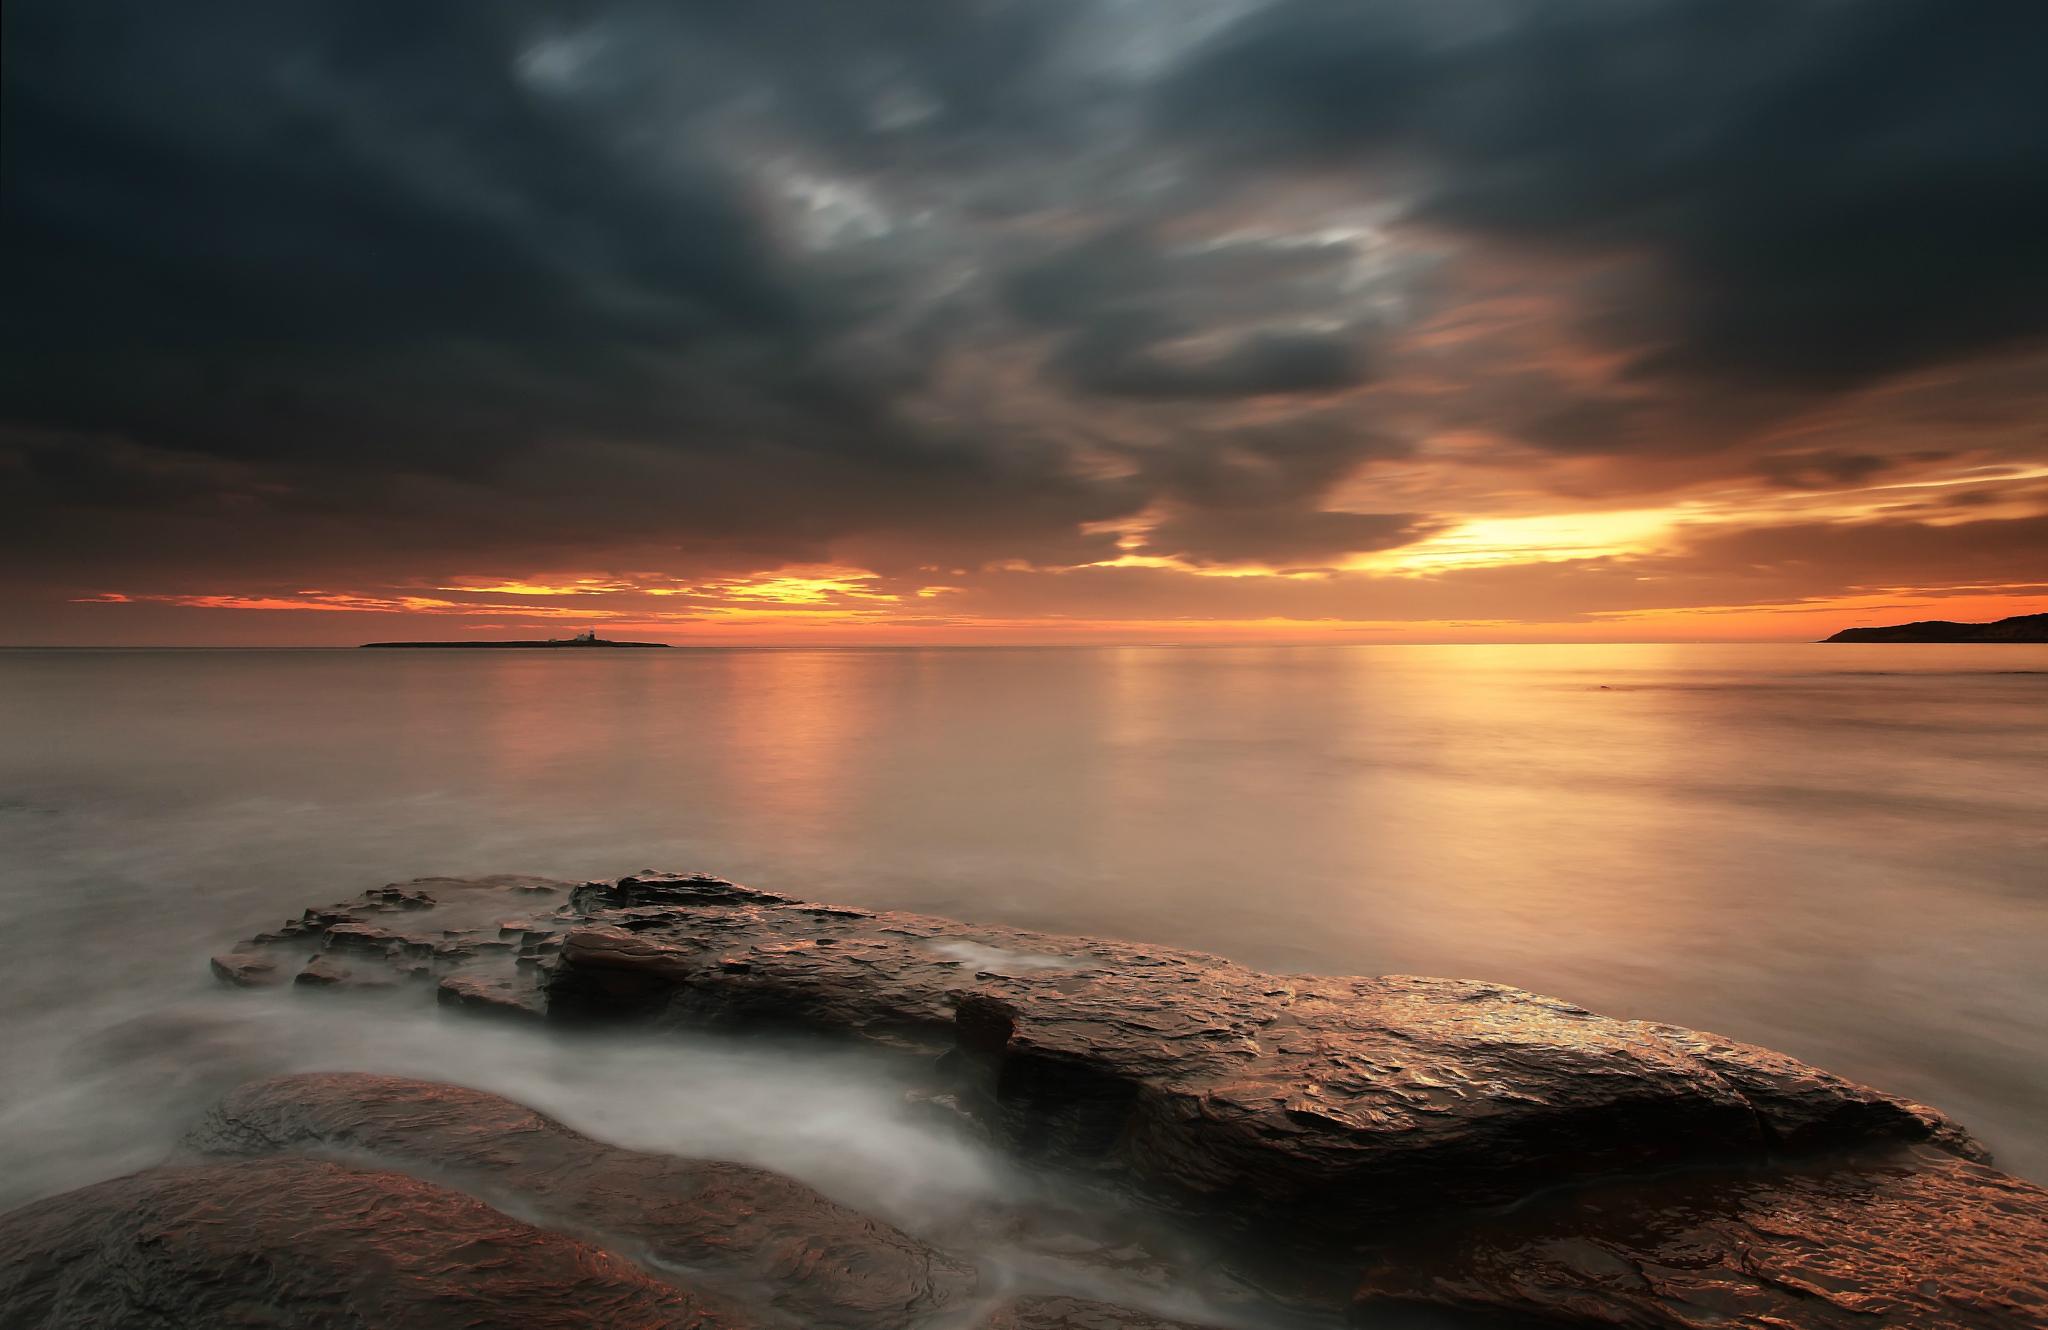 смотрятся ограждения, фото морского заката в высоком качестве других экран занимает